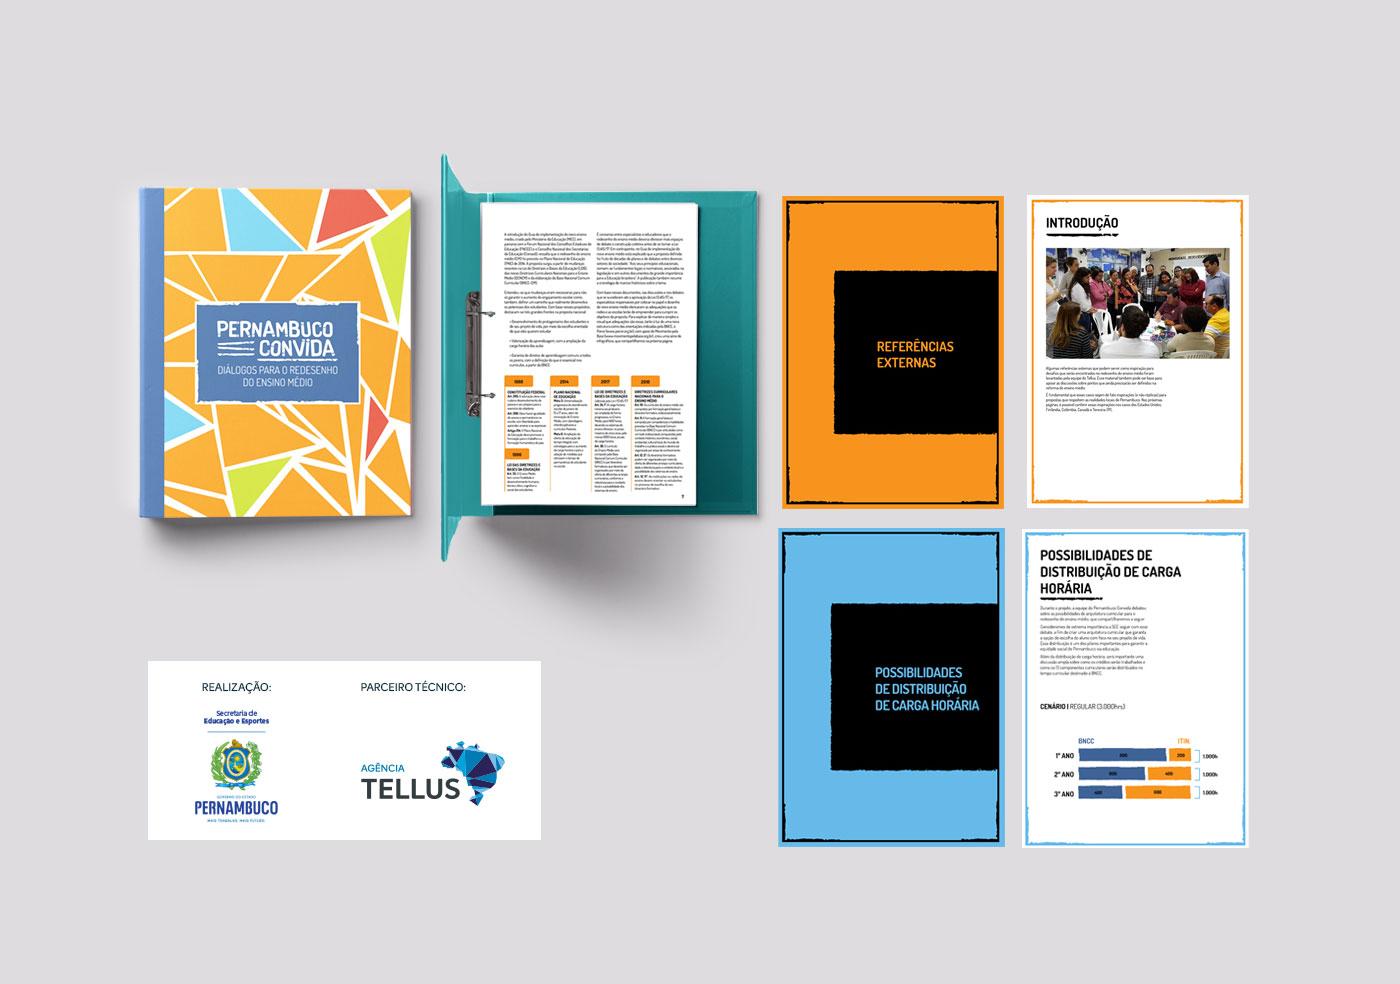 Pernambuco Convida: Design estratégico no redesenho do ensino médio